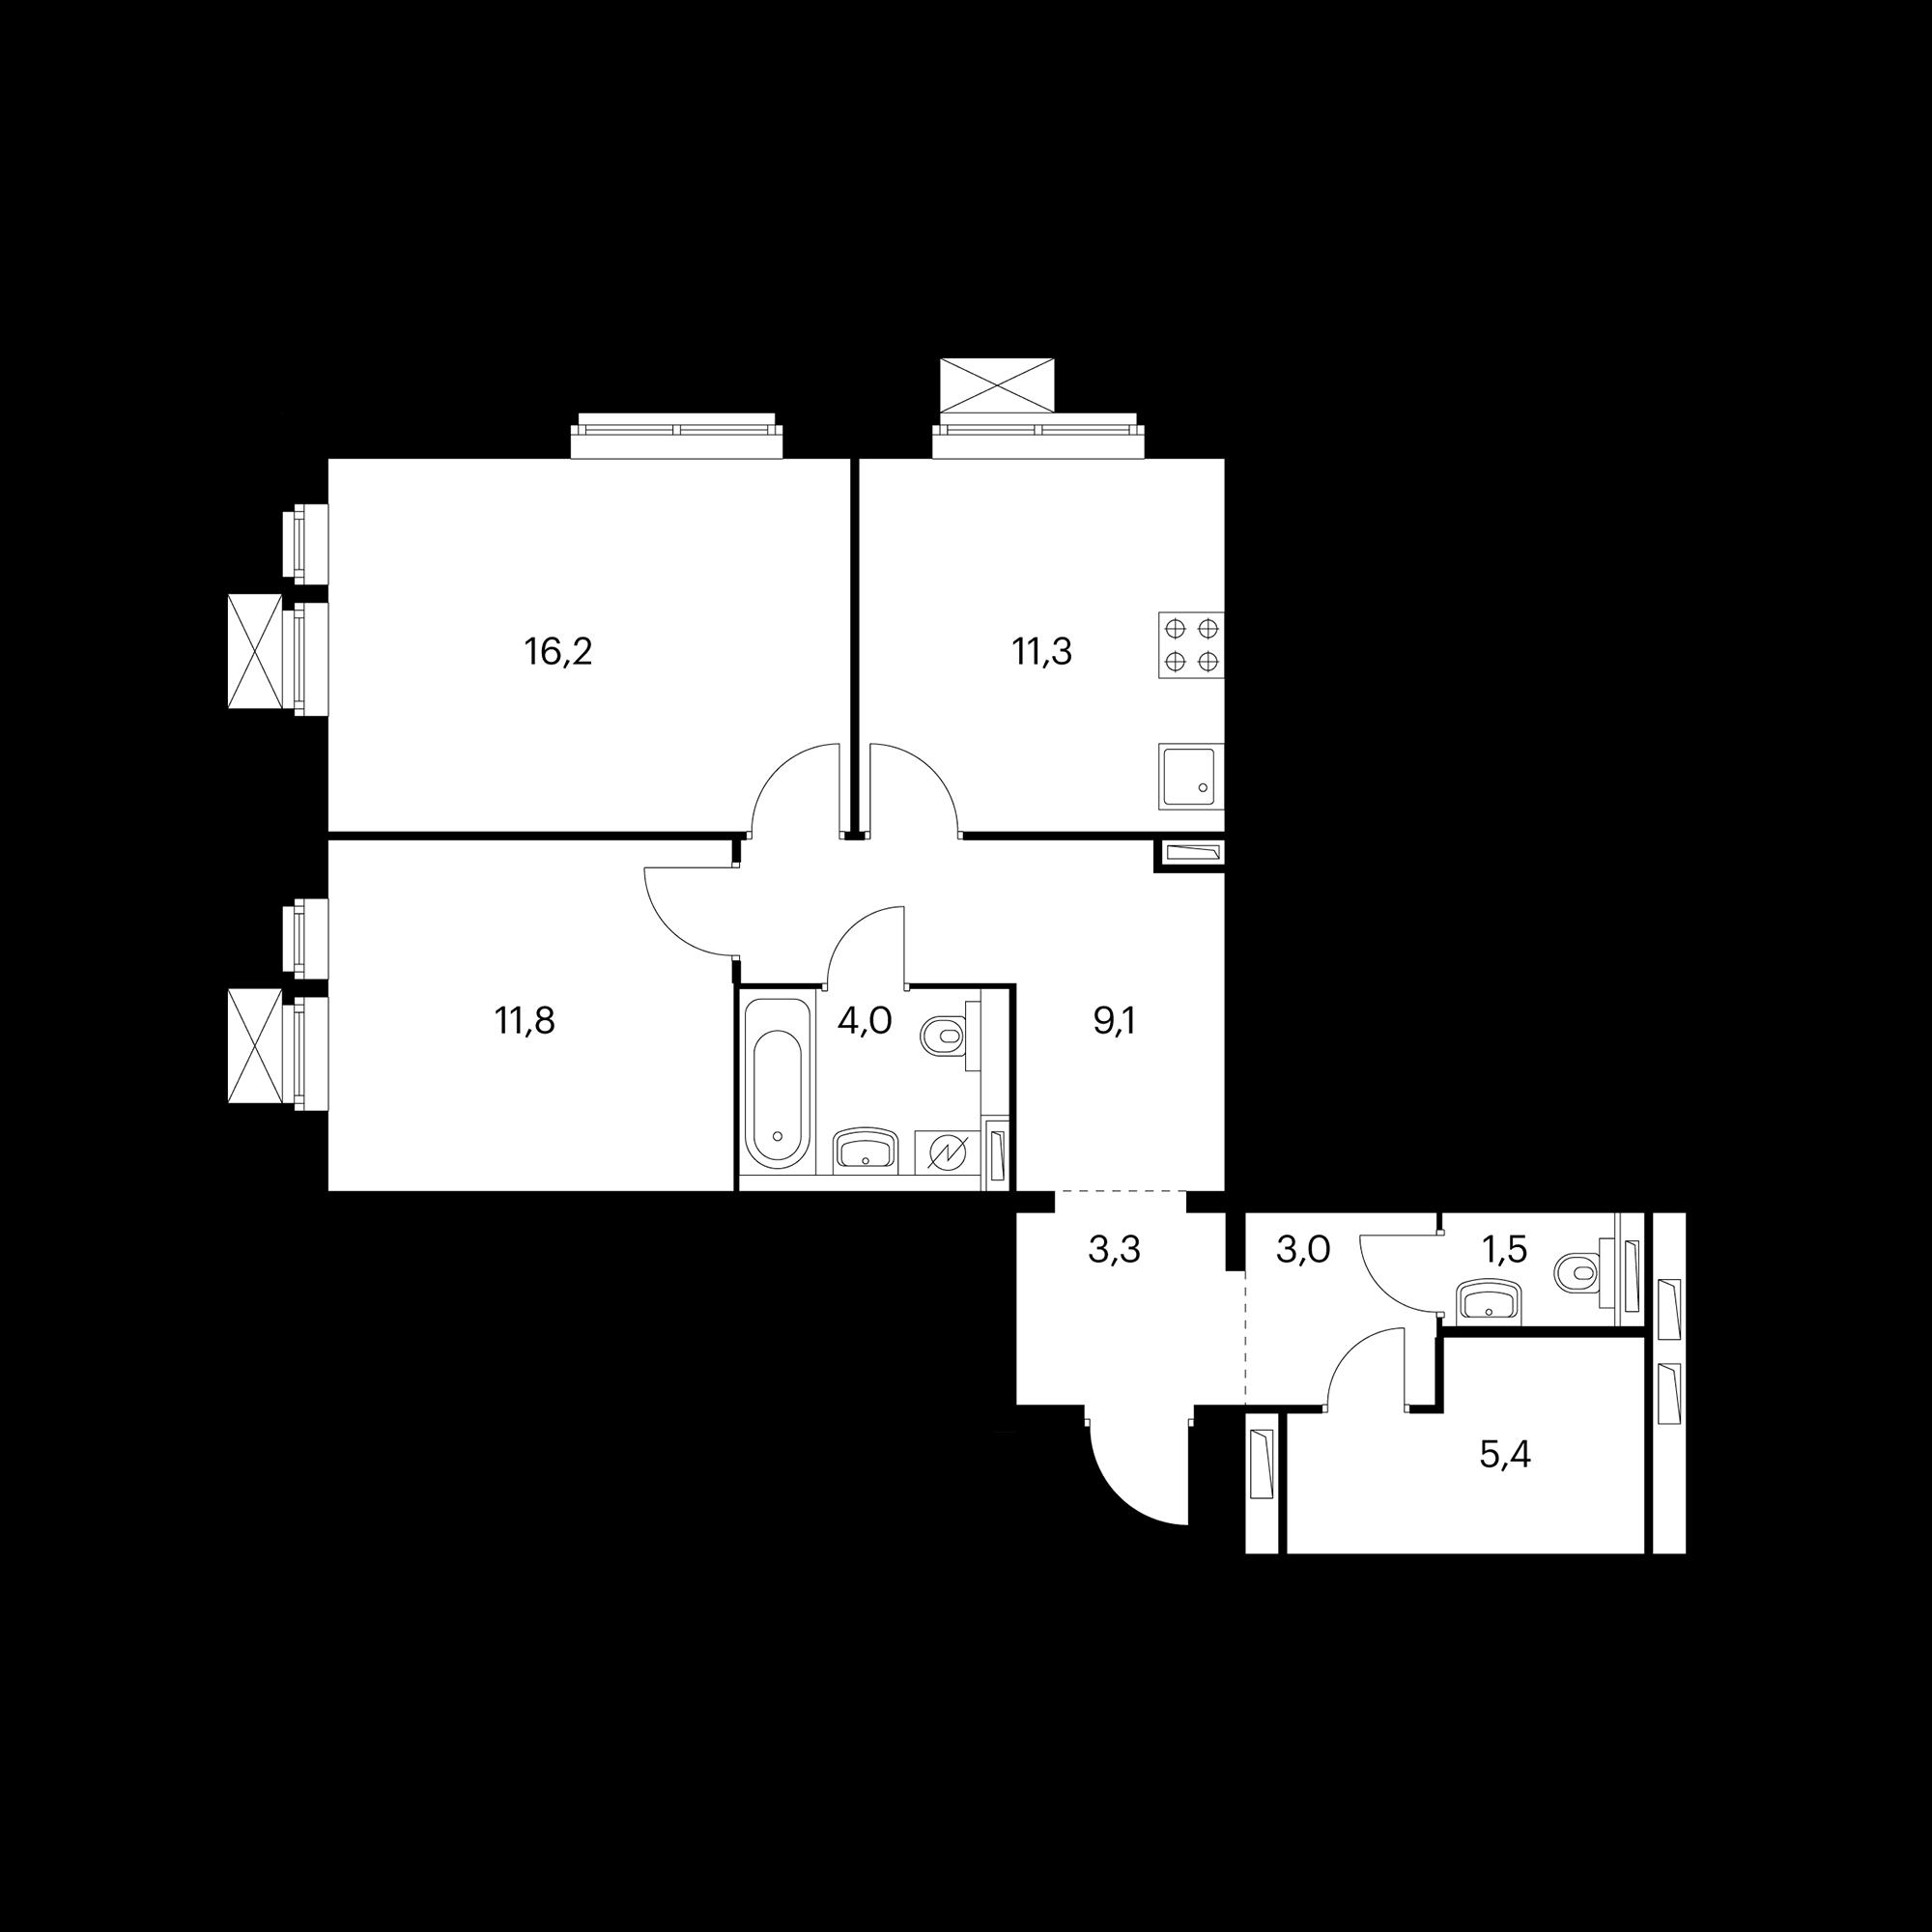 2KL22_10.2-1_T_A2